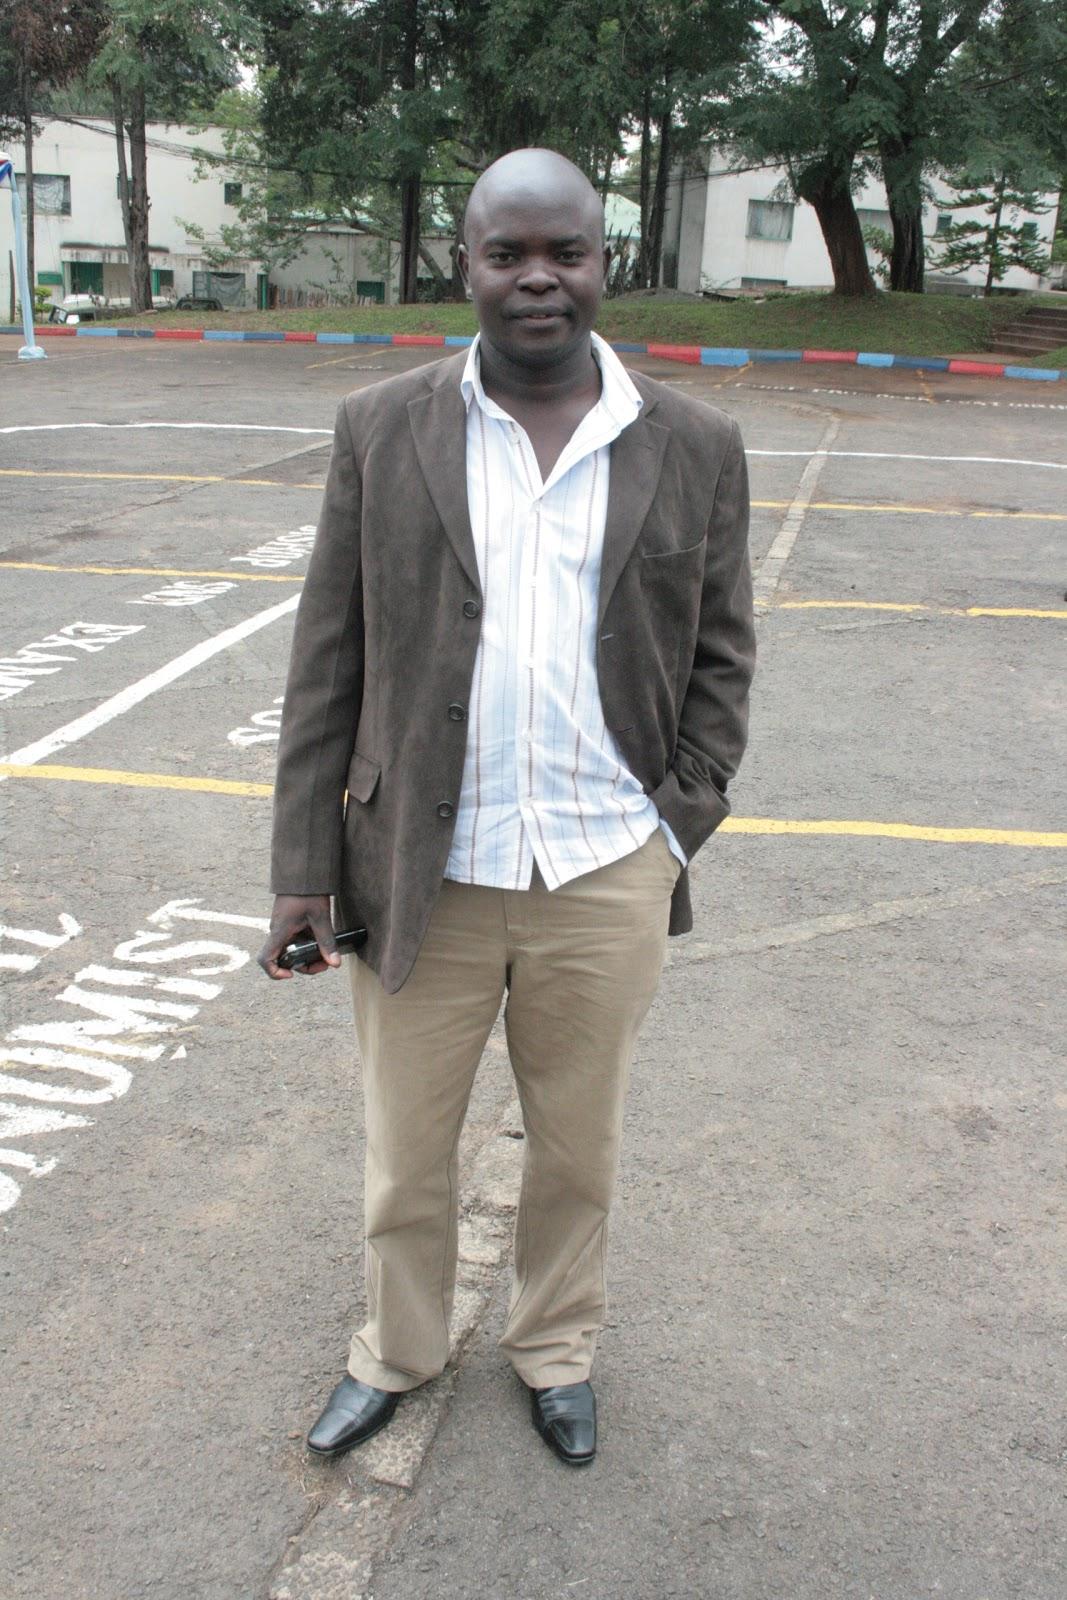 Bonoko`` is a Kenyan streetlanguage name meaning a fake gun. Momanyi ...